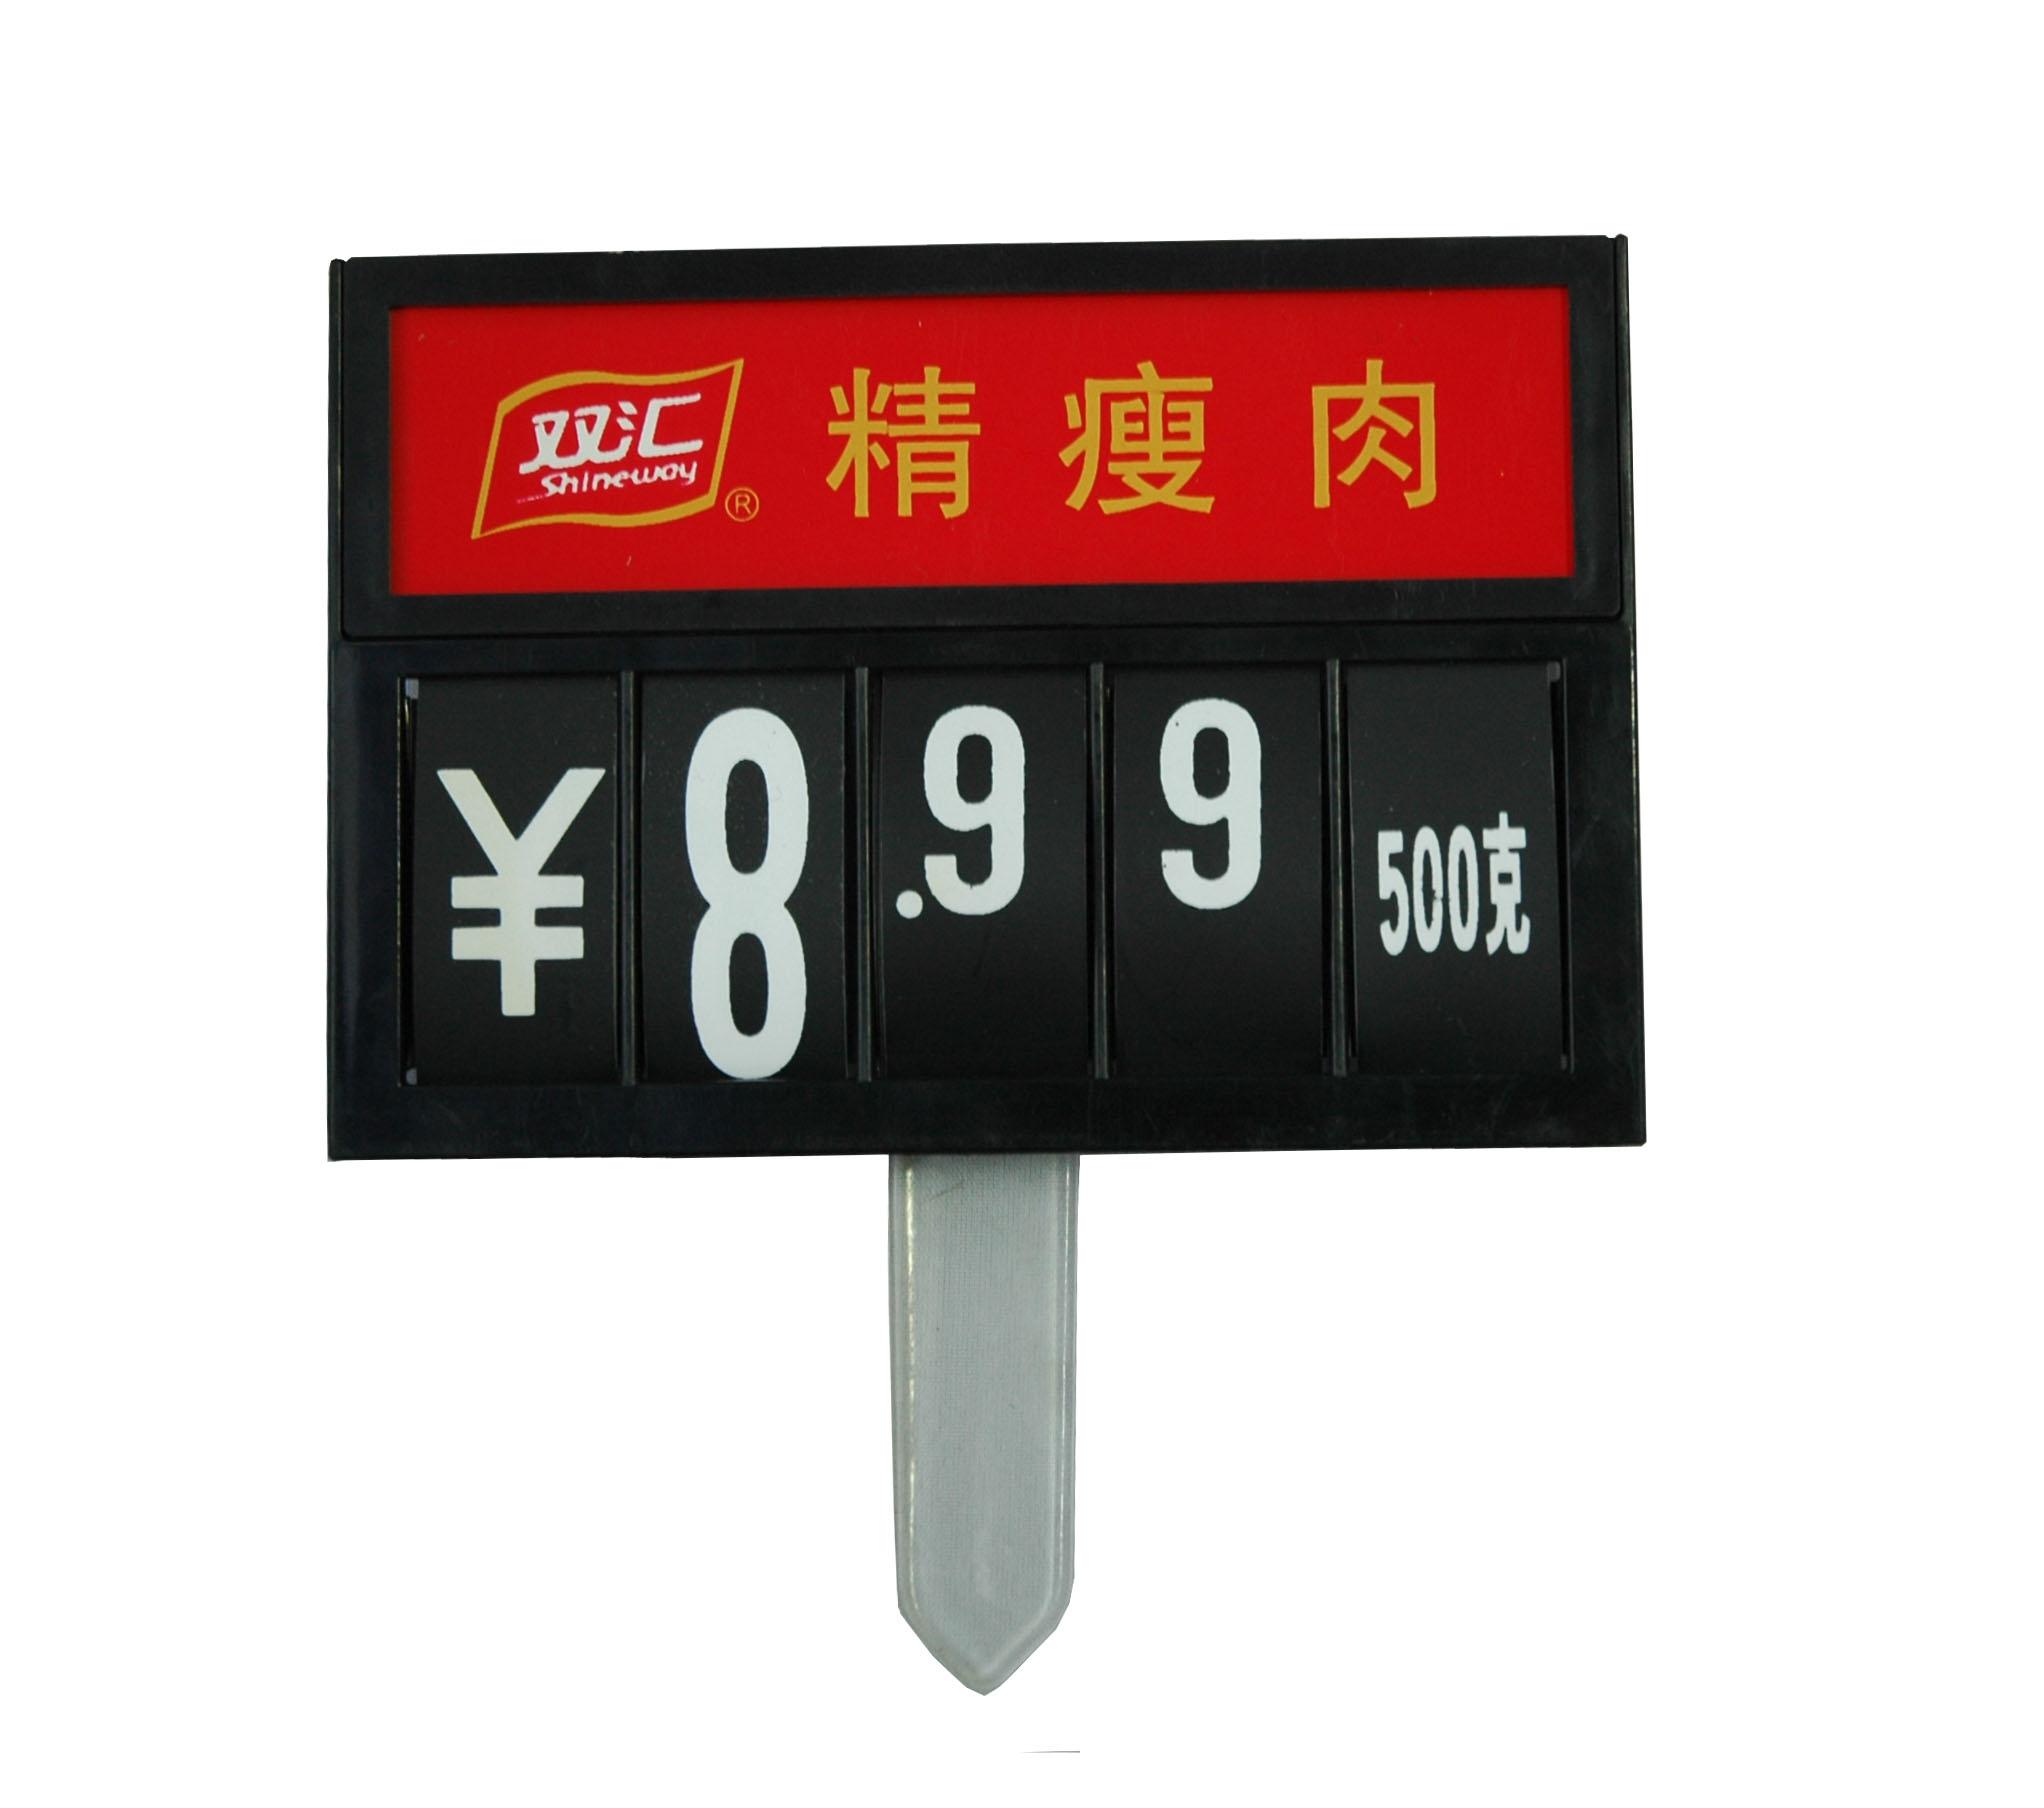 A10价格牌 杂货生冰鲜价格牌 蔬菜水果熟食价格牌 肉类价格牌